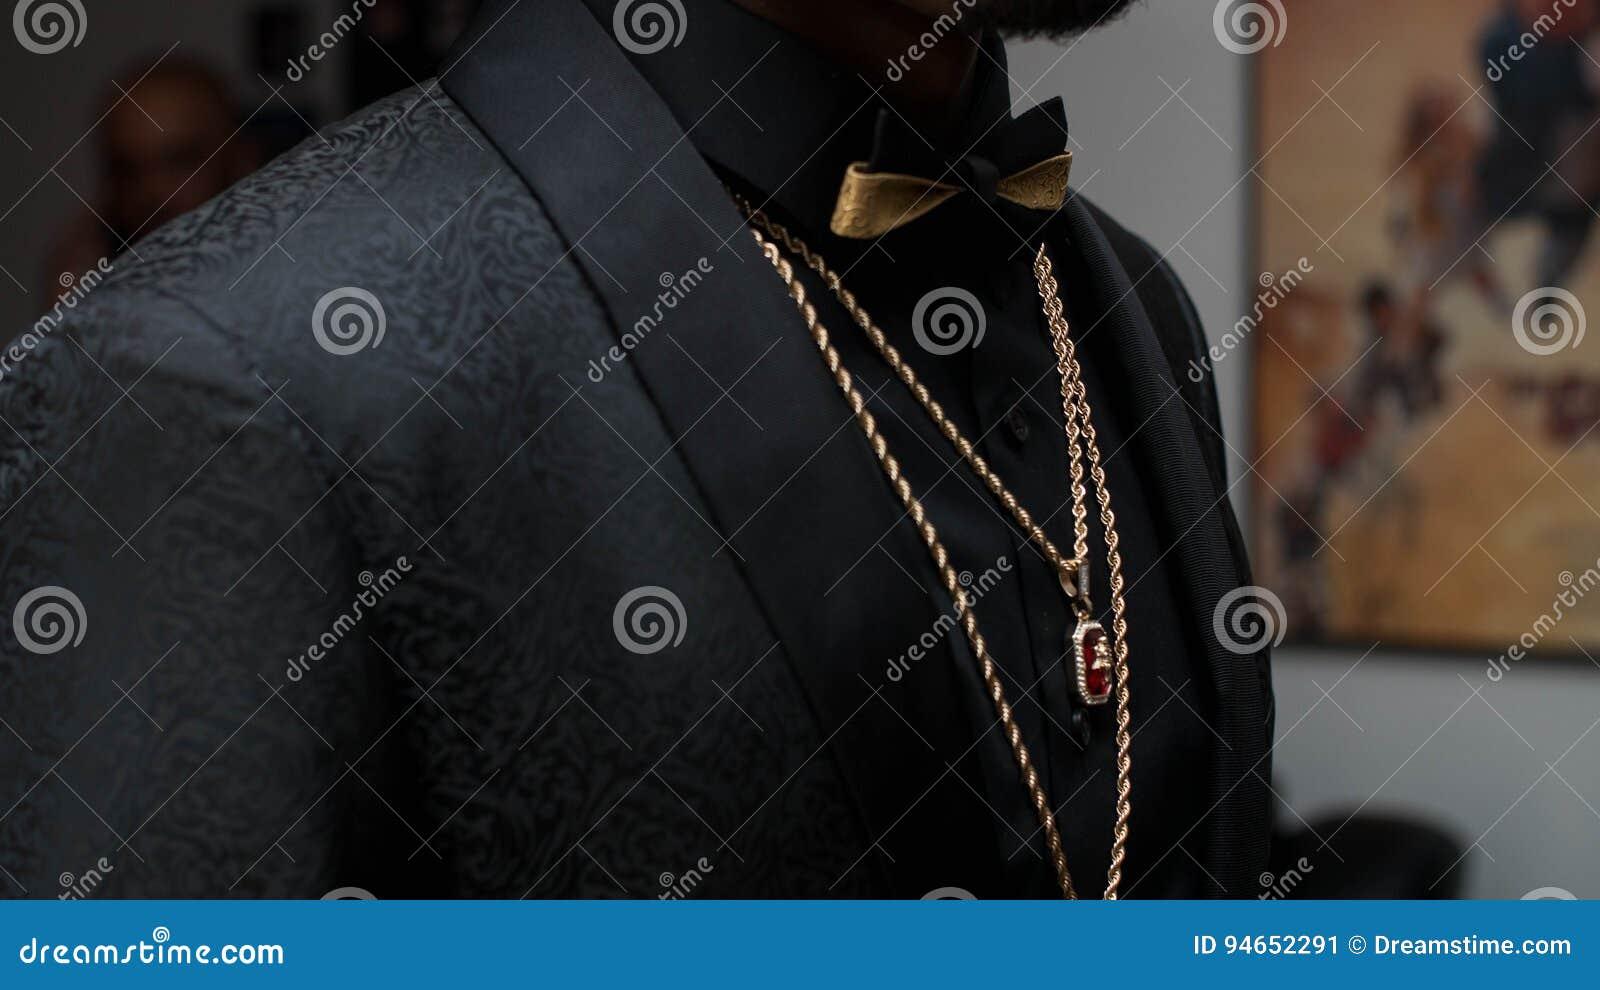 Black Suit With Bowtie